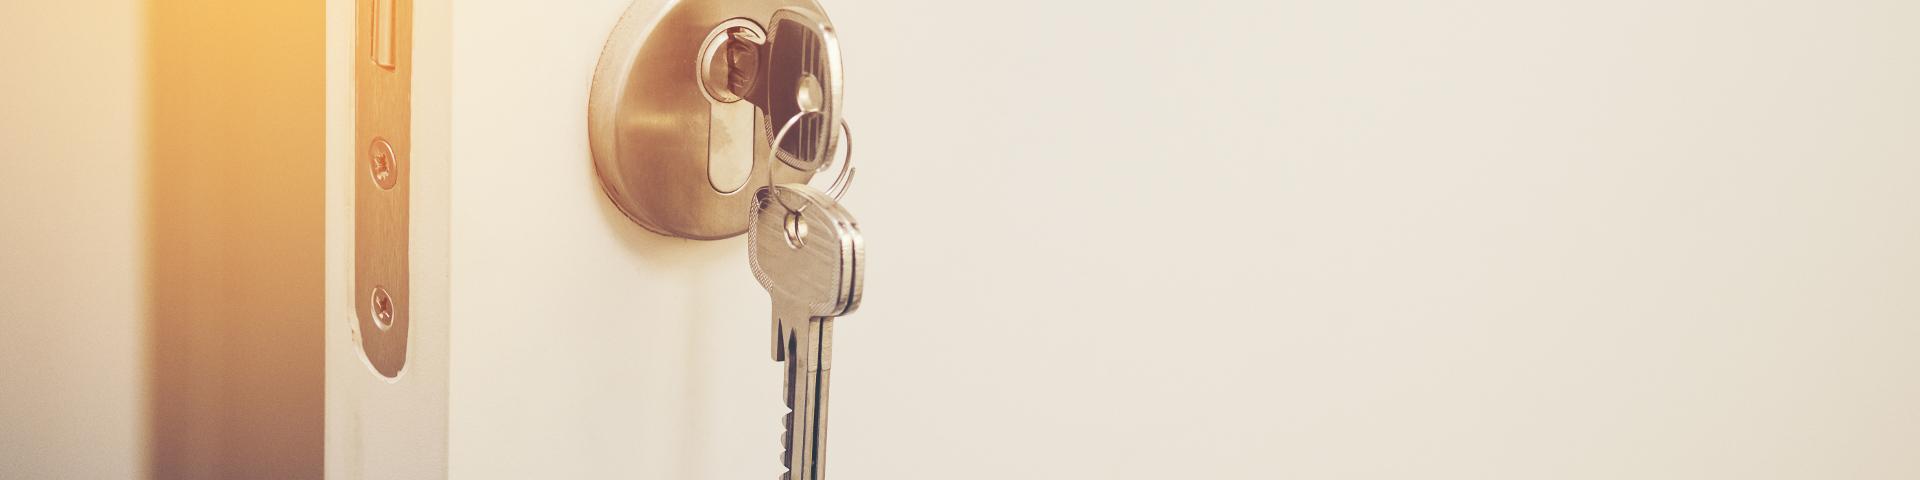 Schlüssel zu Türschloss